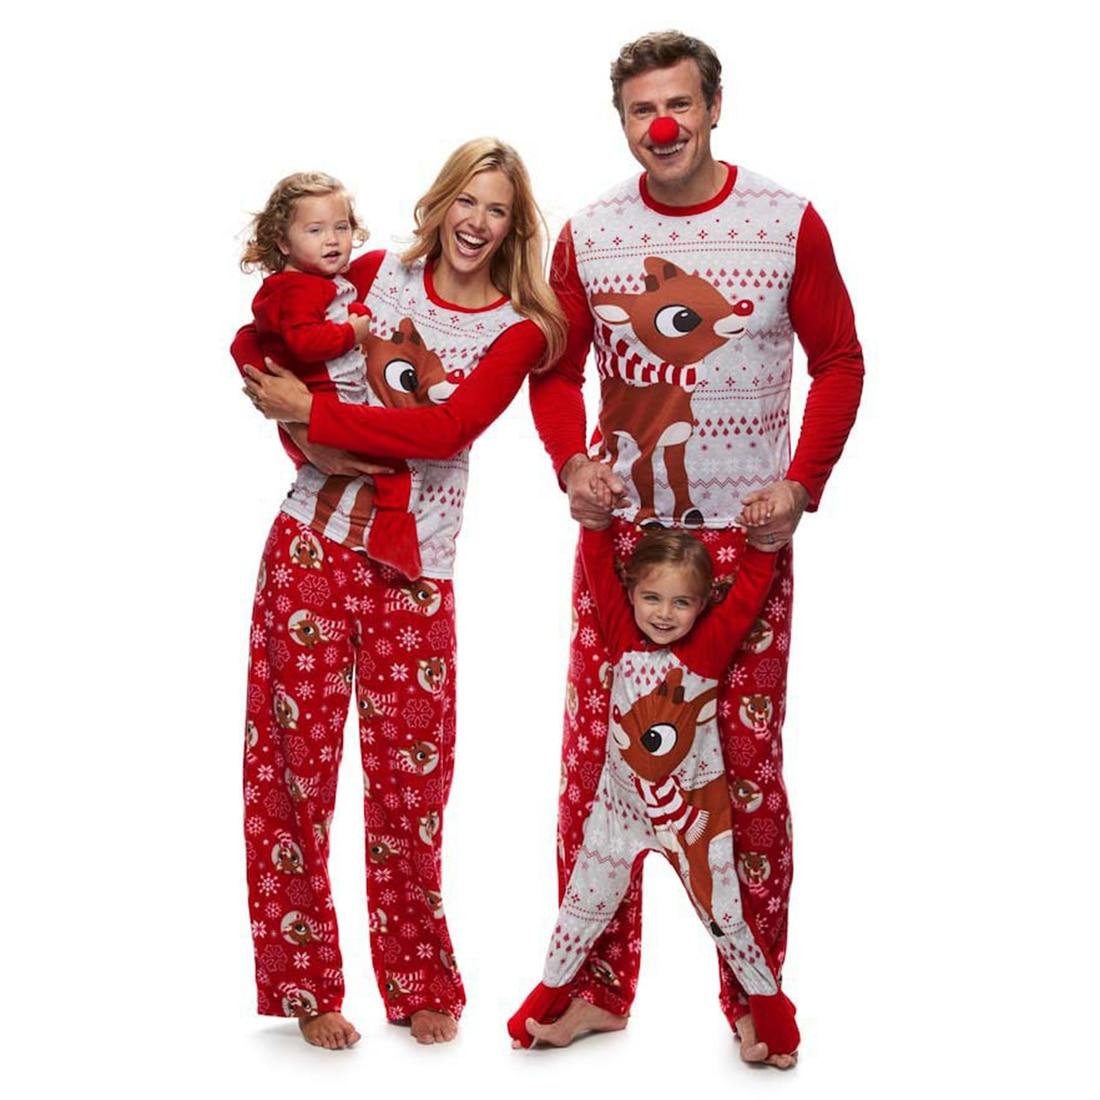 New Winter Family Matching Christmas Pajamas Set Pajamas ...